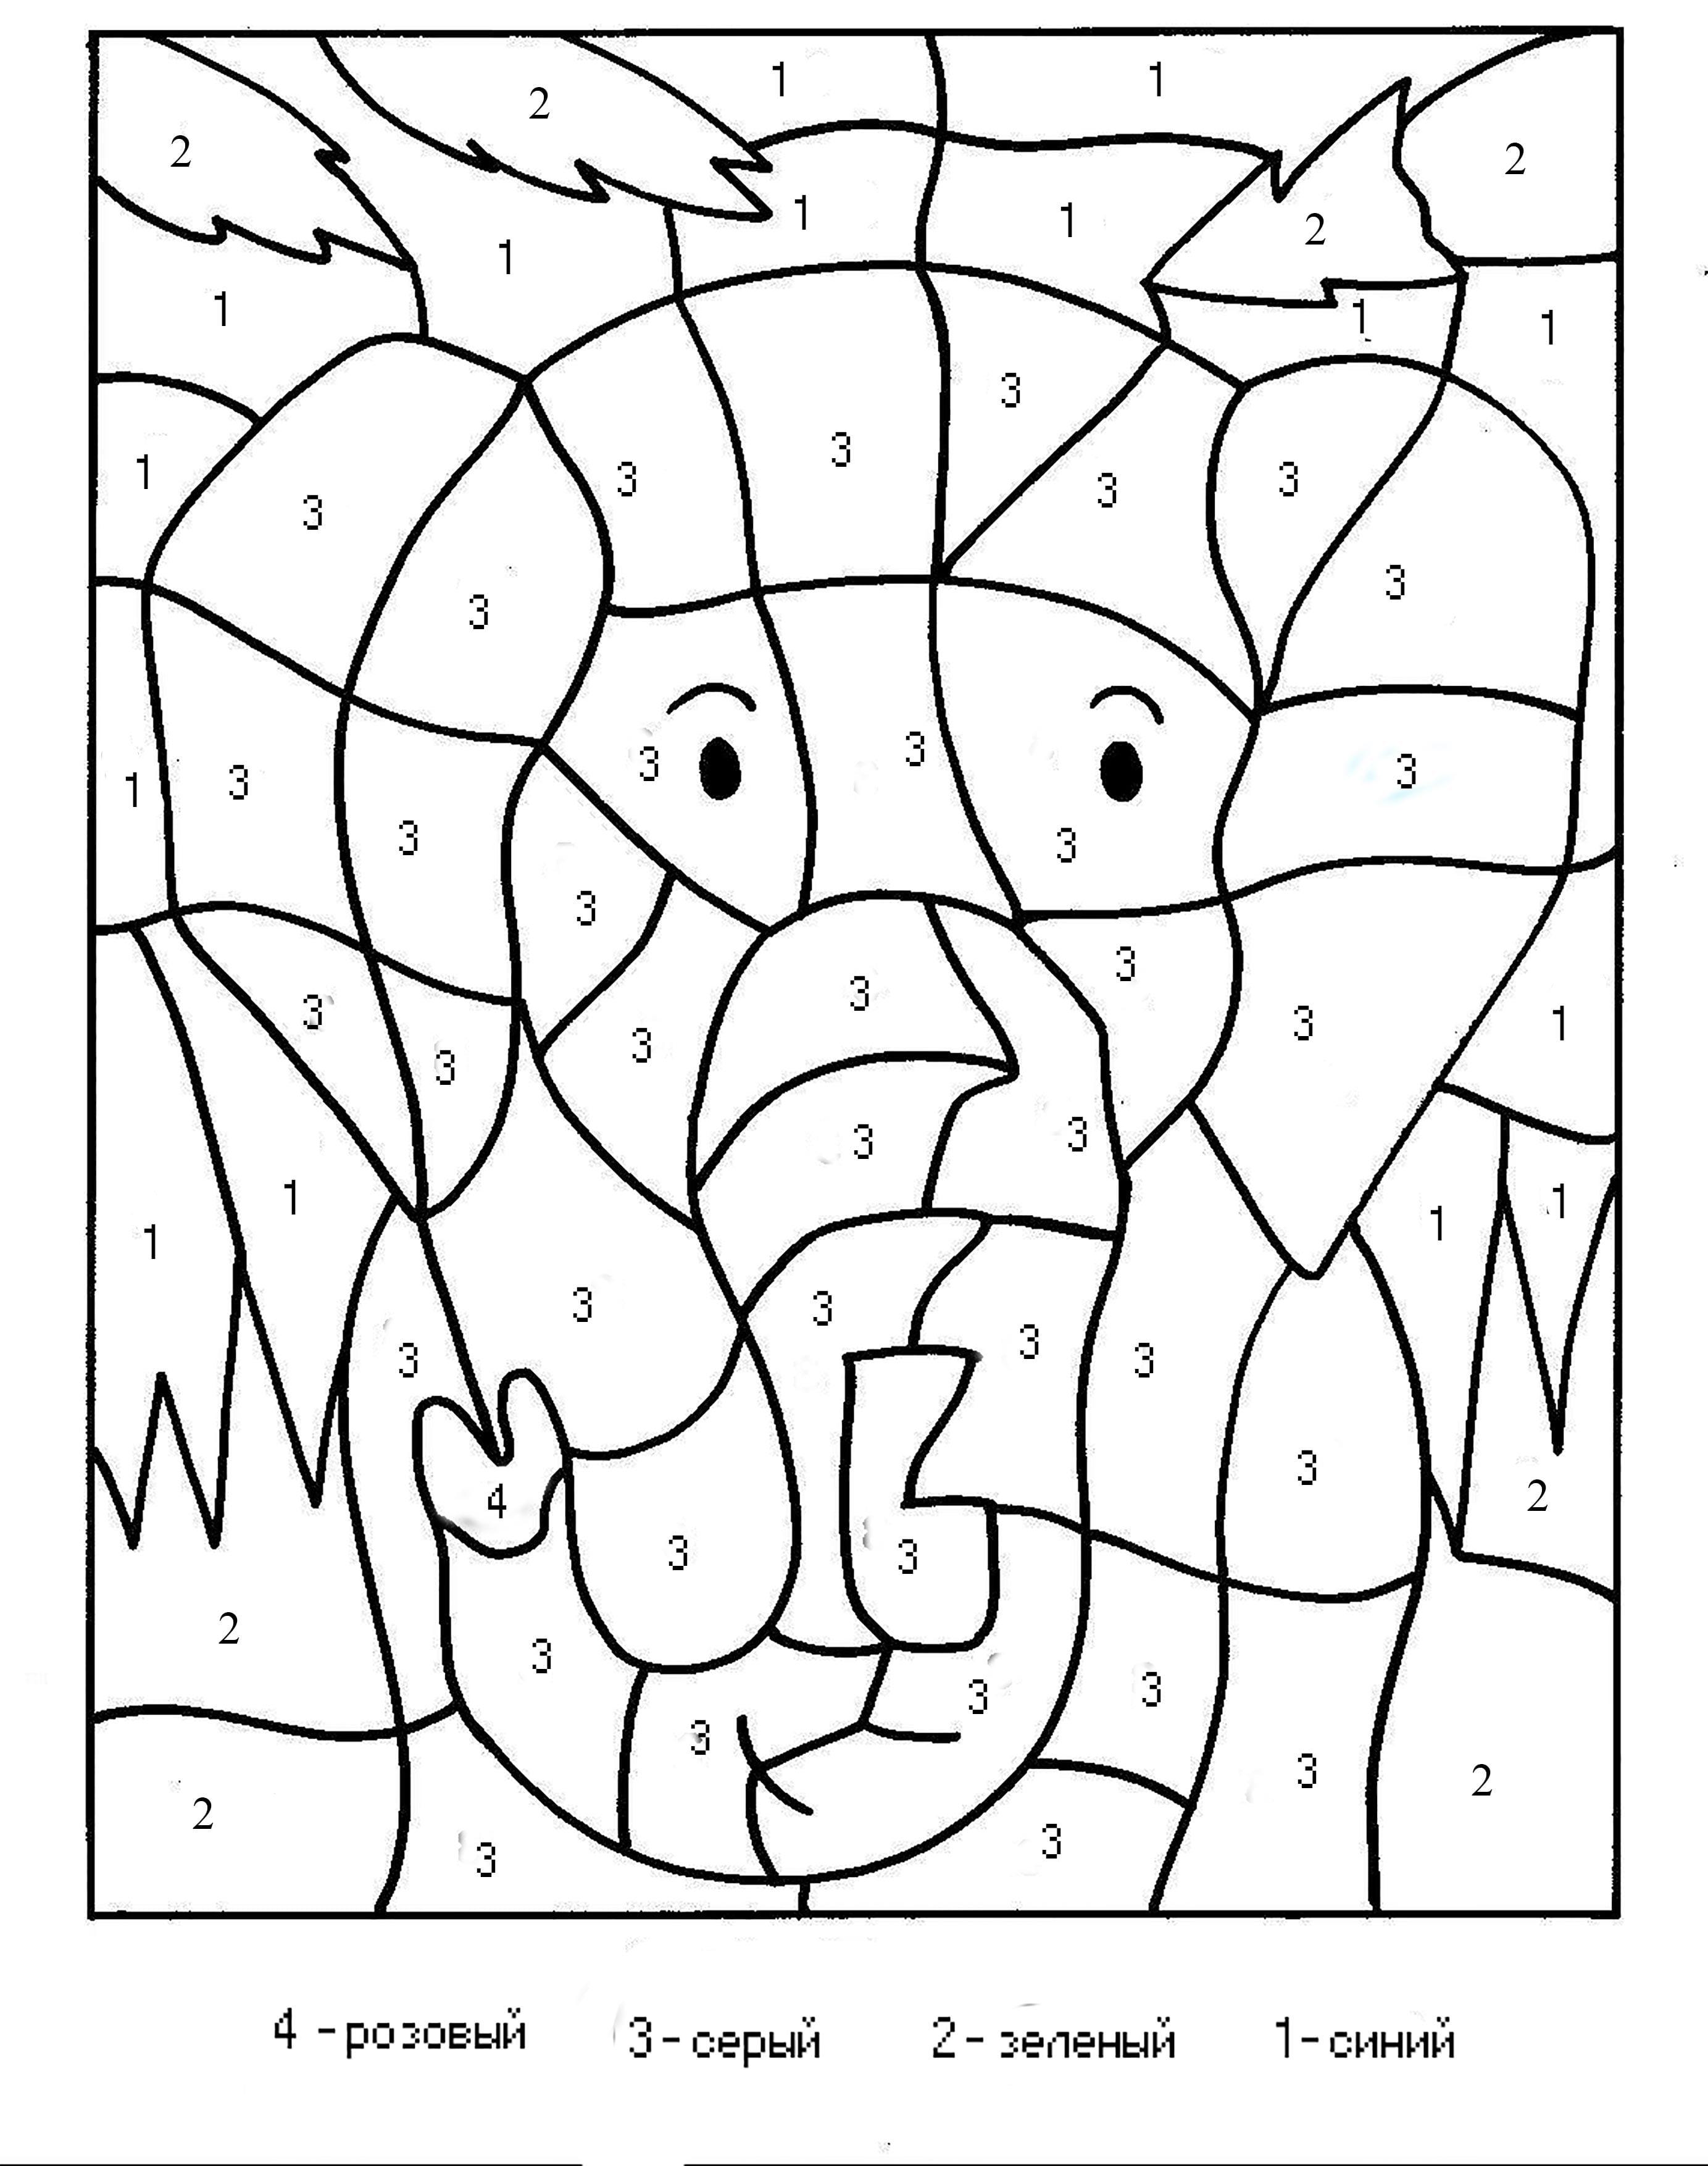 Раскраска с моржами i